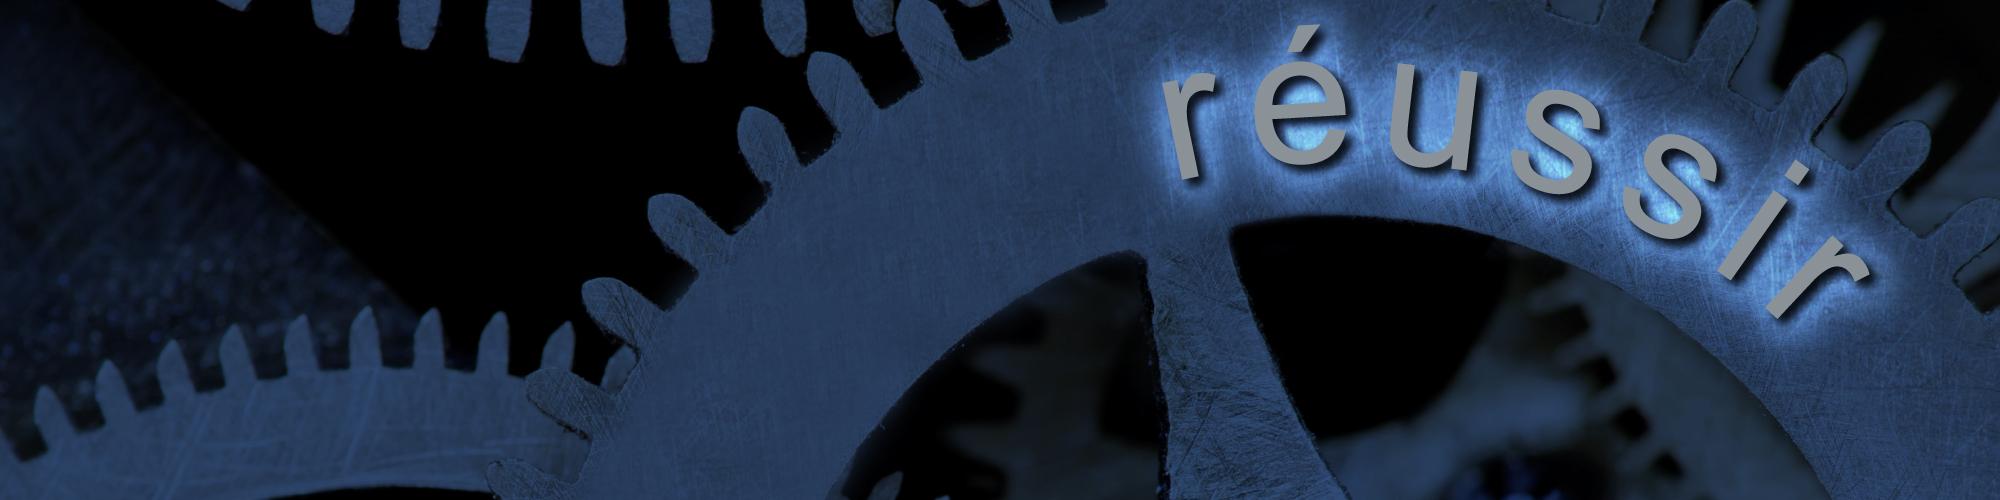 Réussir - Consultation RH intégrée